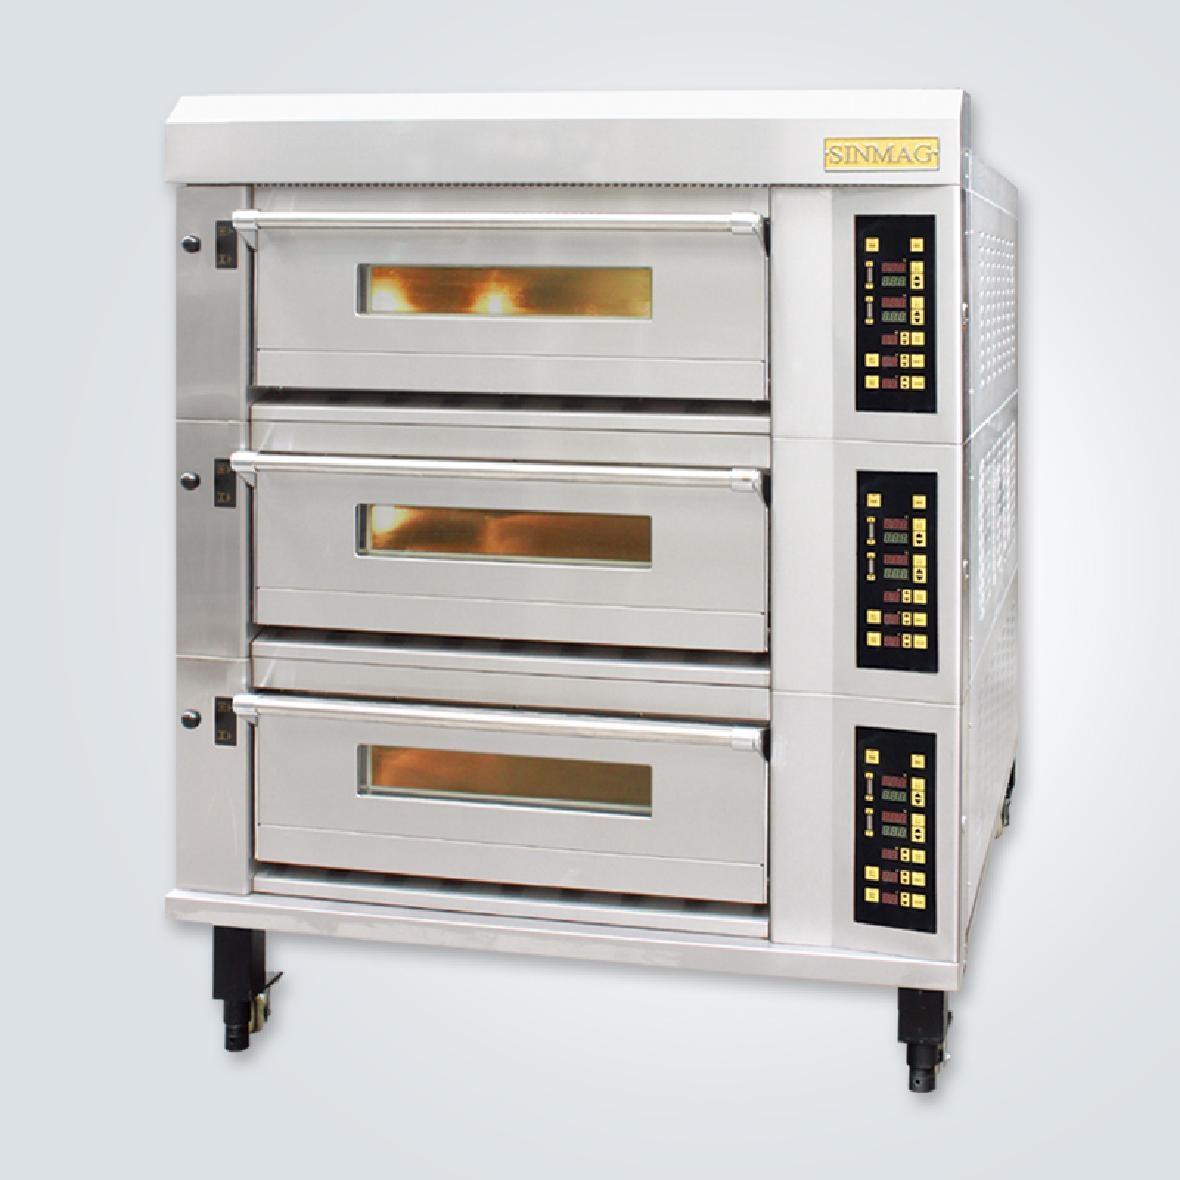 SJ電烤爐 SJ2-923